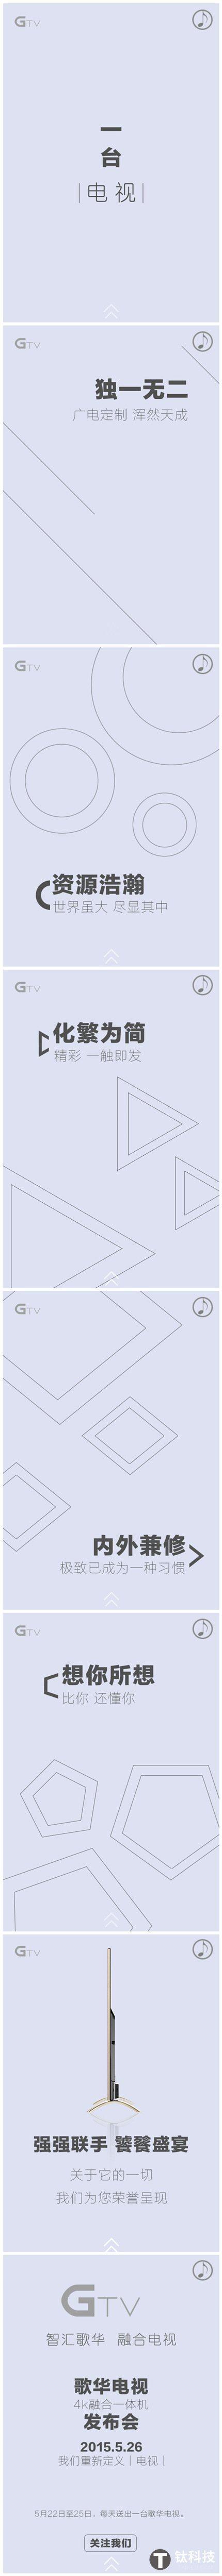 GTV歌华电视 4K融合一体机推出